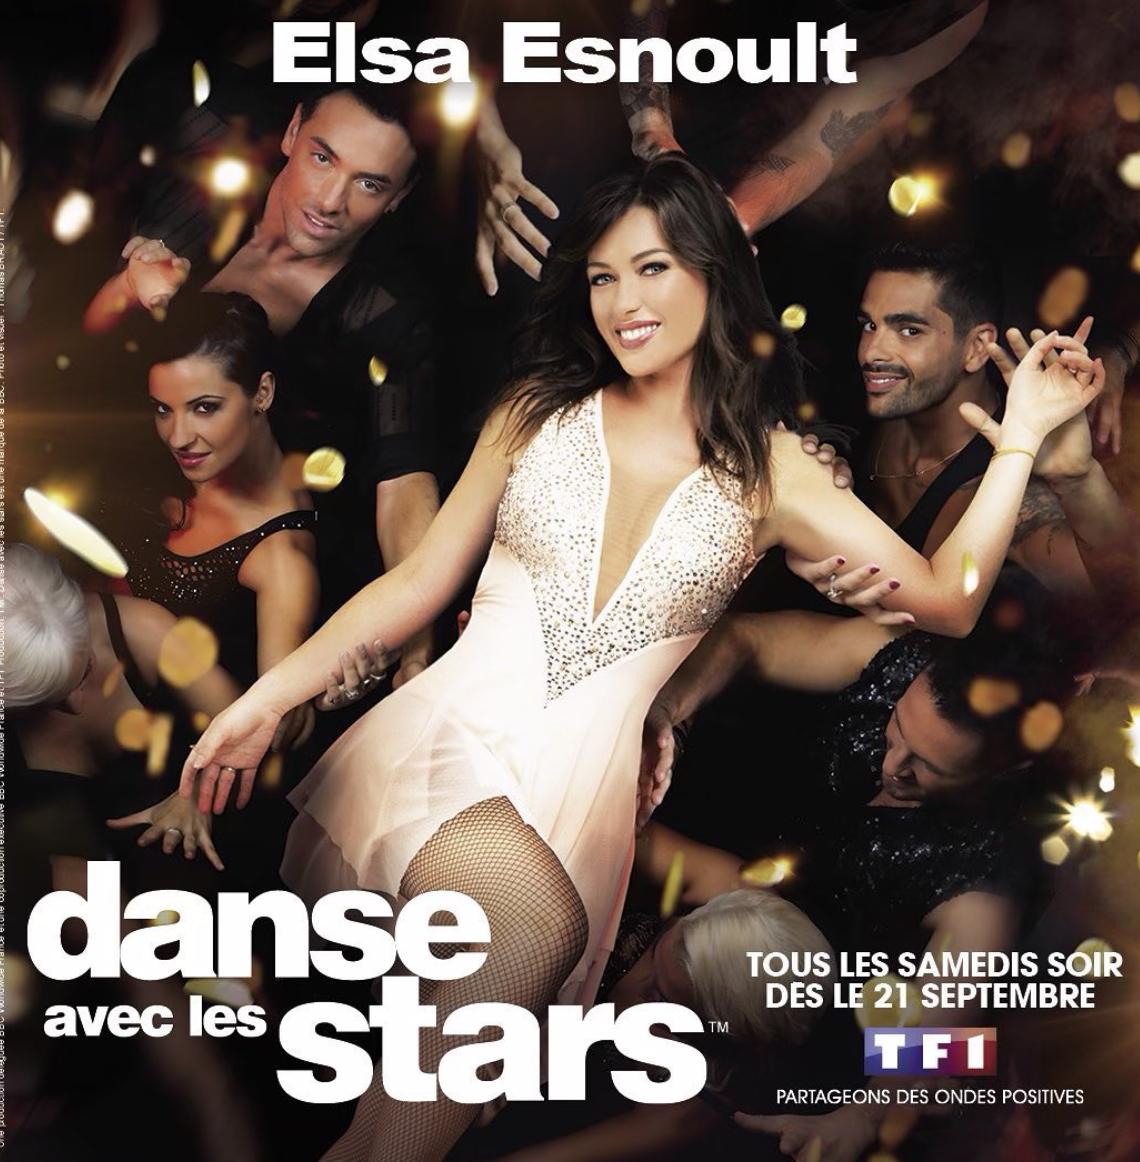 Elsa Esnoult - DALS 10 - DALS - Danse Avec Les Stars 10 - Danse Avec Les Stars - TF1 - Anthony Colette